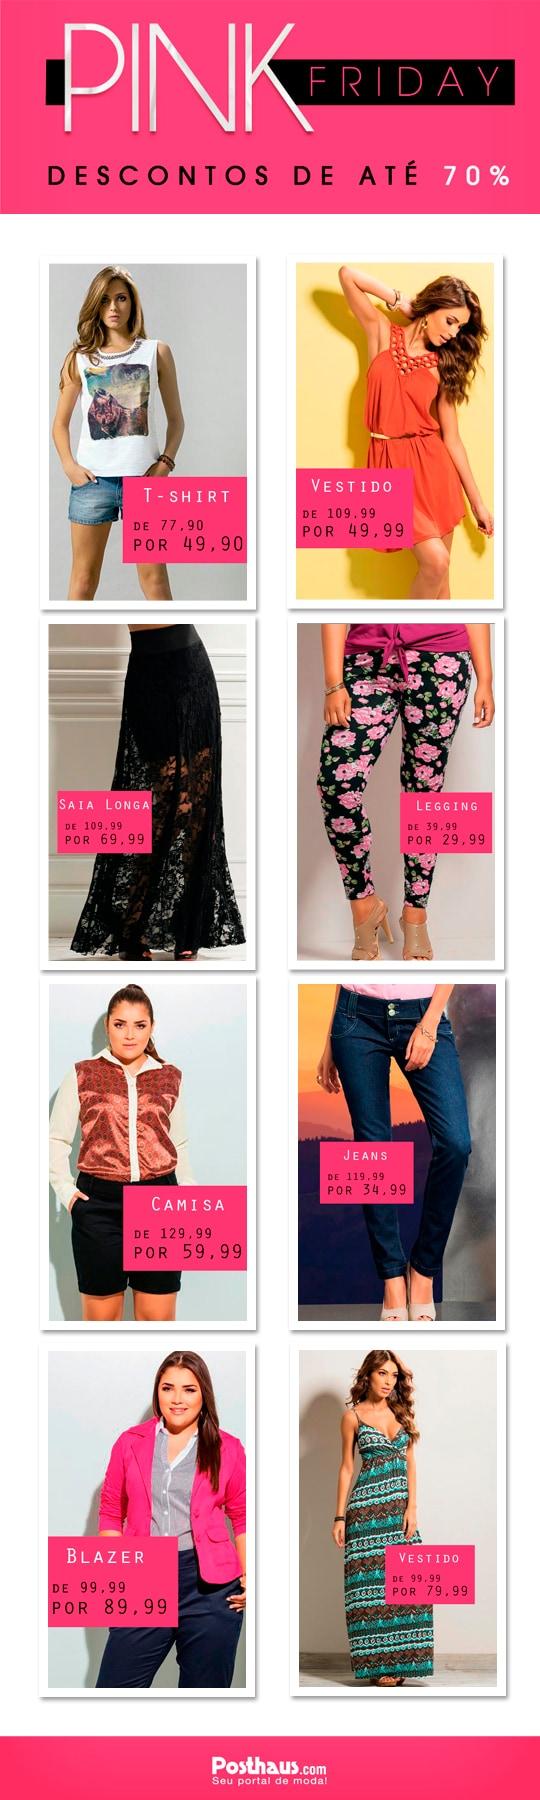 roupas baratas online